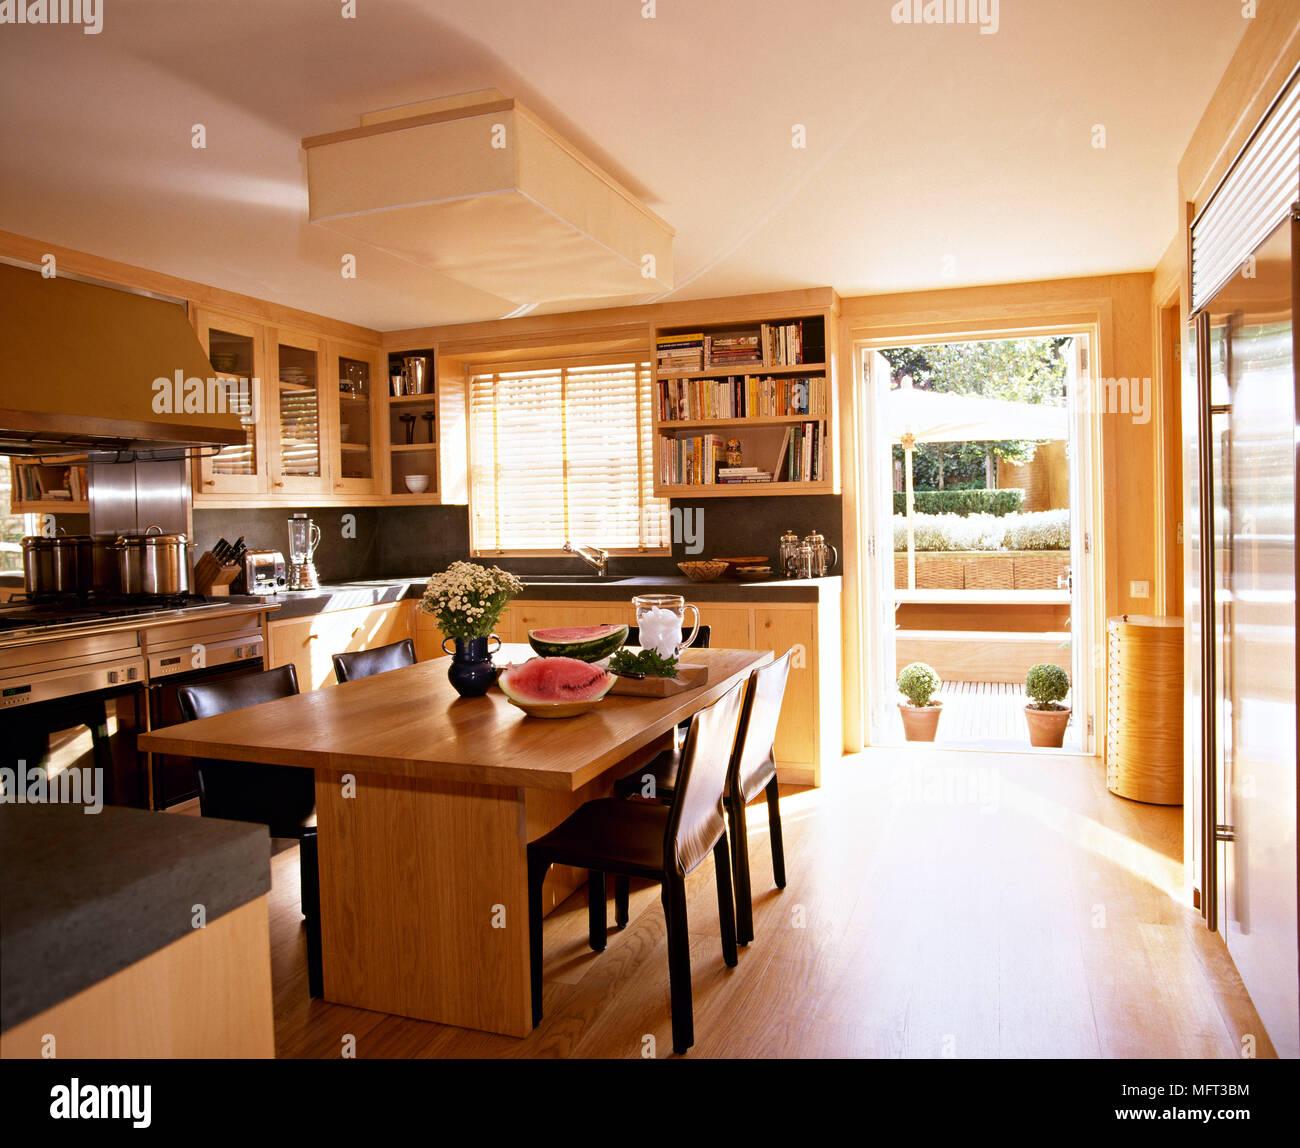 Cucina moderna con area da pranzo unità legno tavolo sedie interni ...